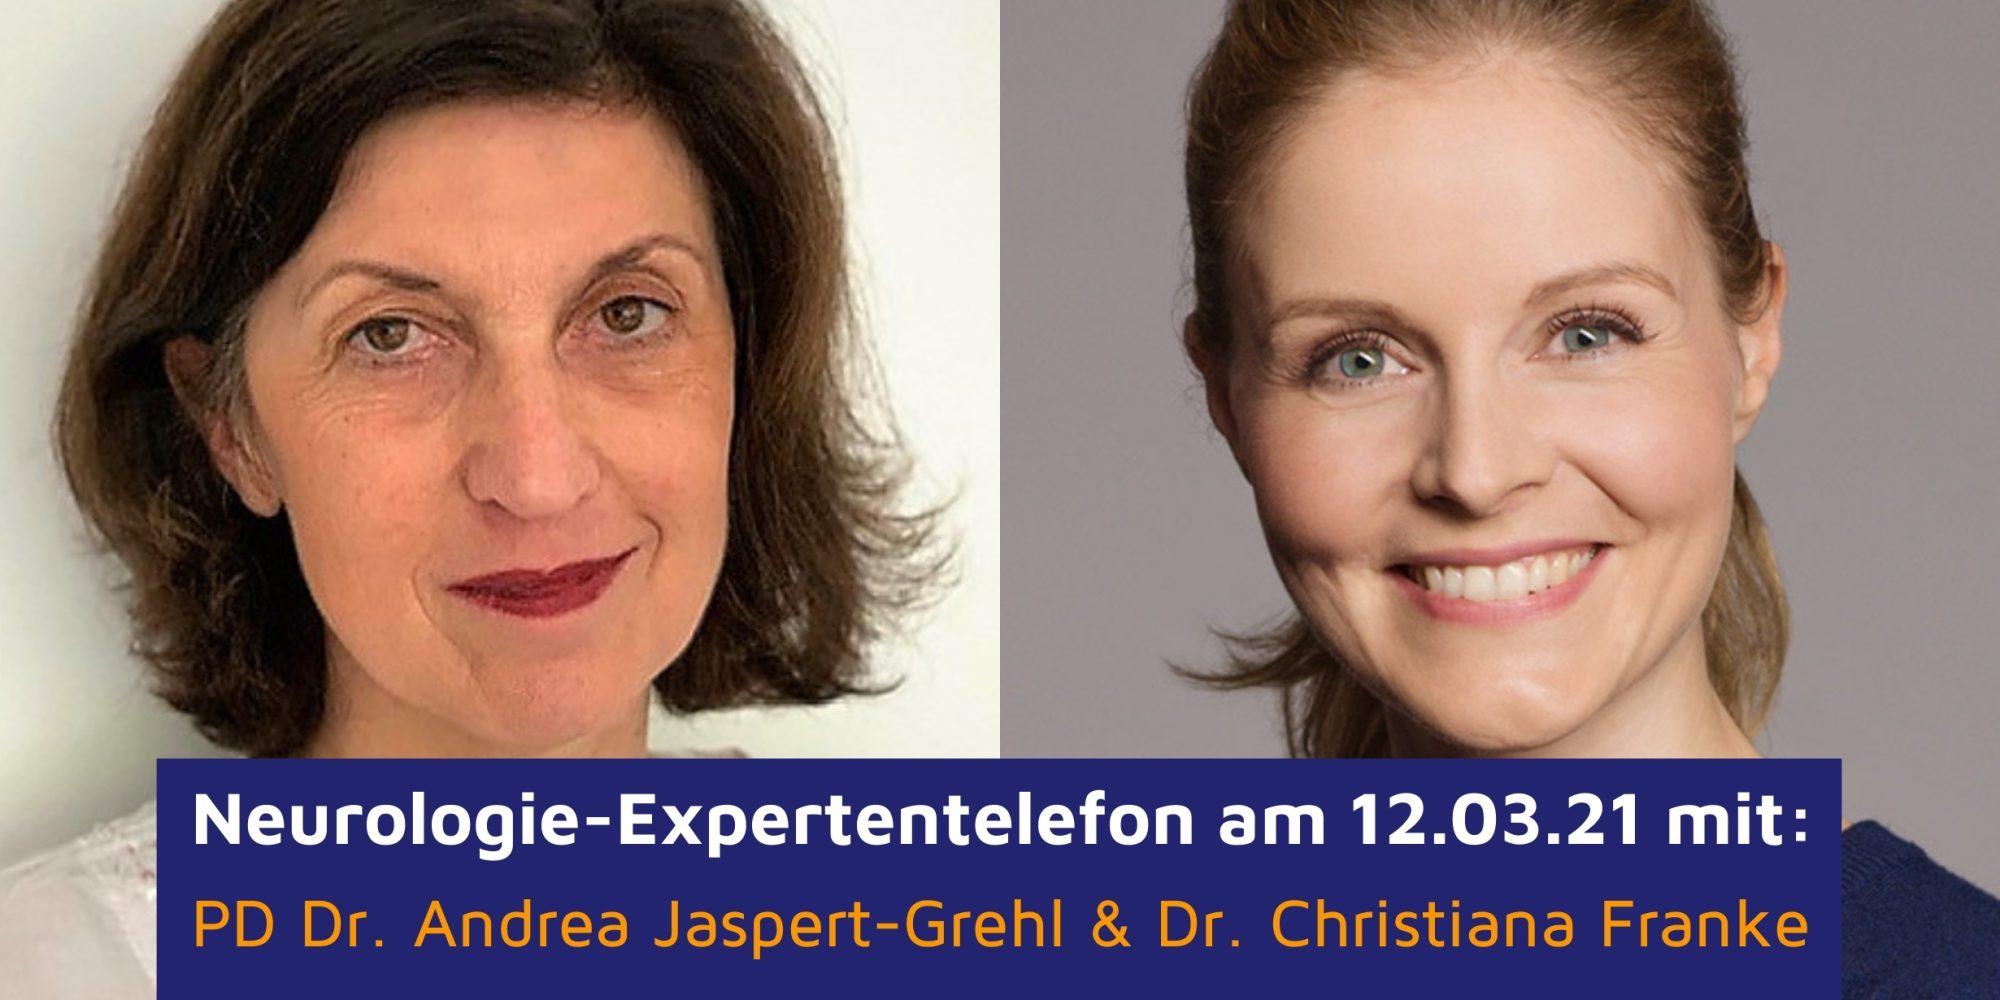 Expertentelefon 12. März: Haben Sie Fragen zu neurologischen Erkrankungen?